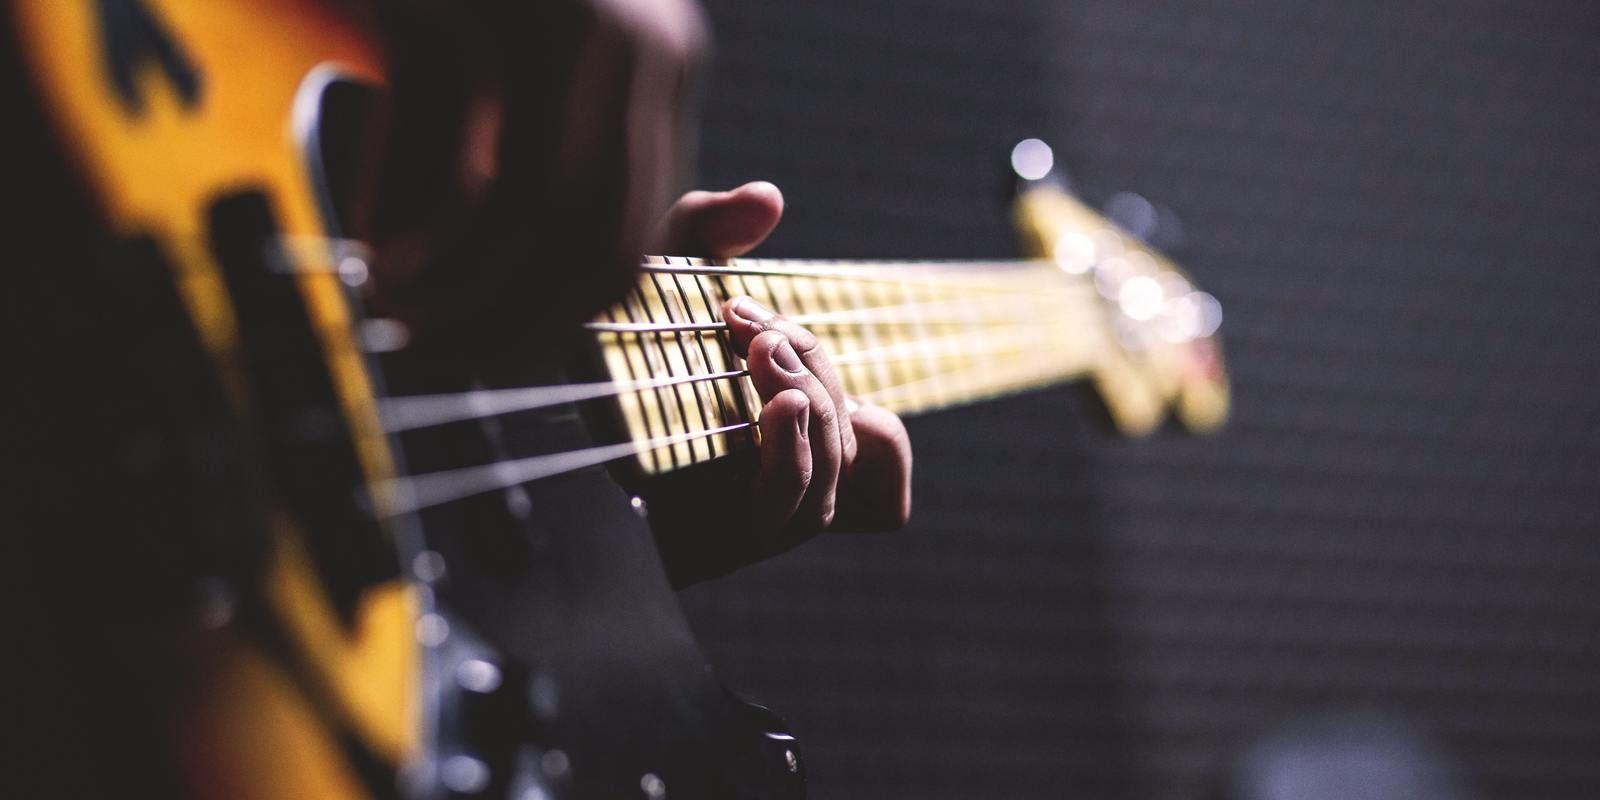 1532008208 34 bass guitar chord close up 96380